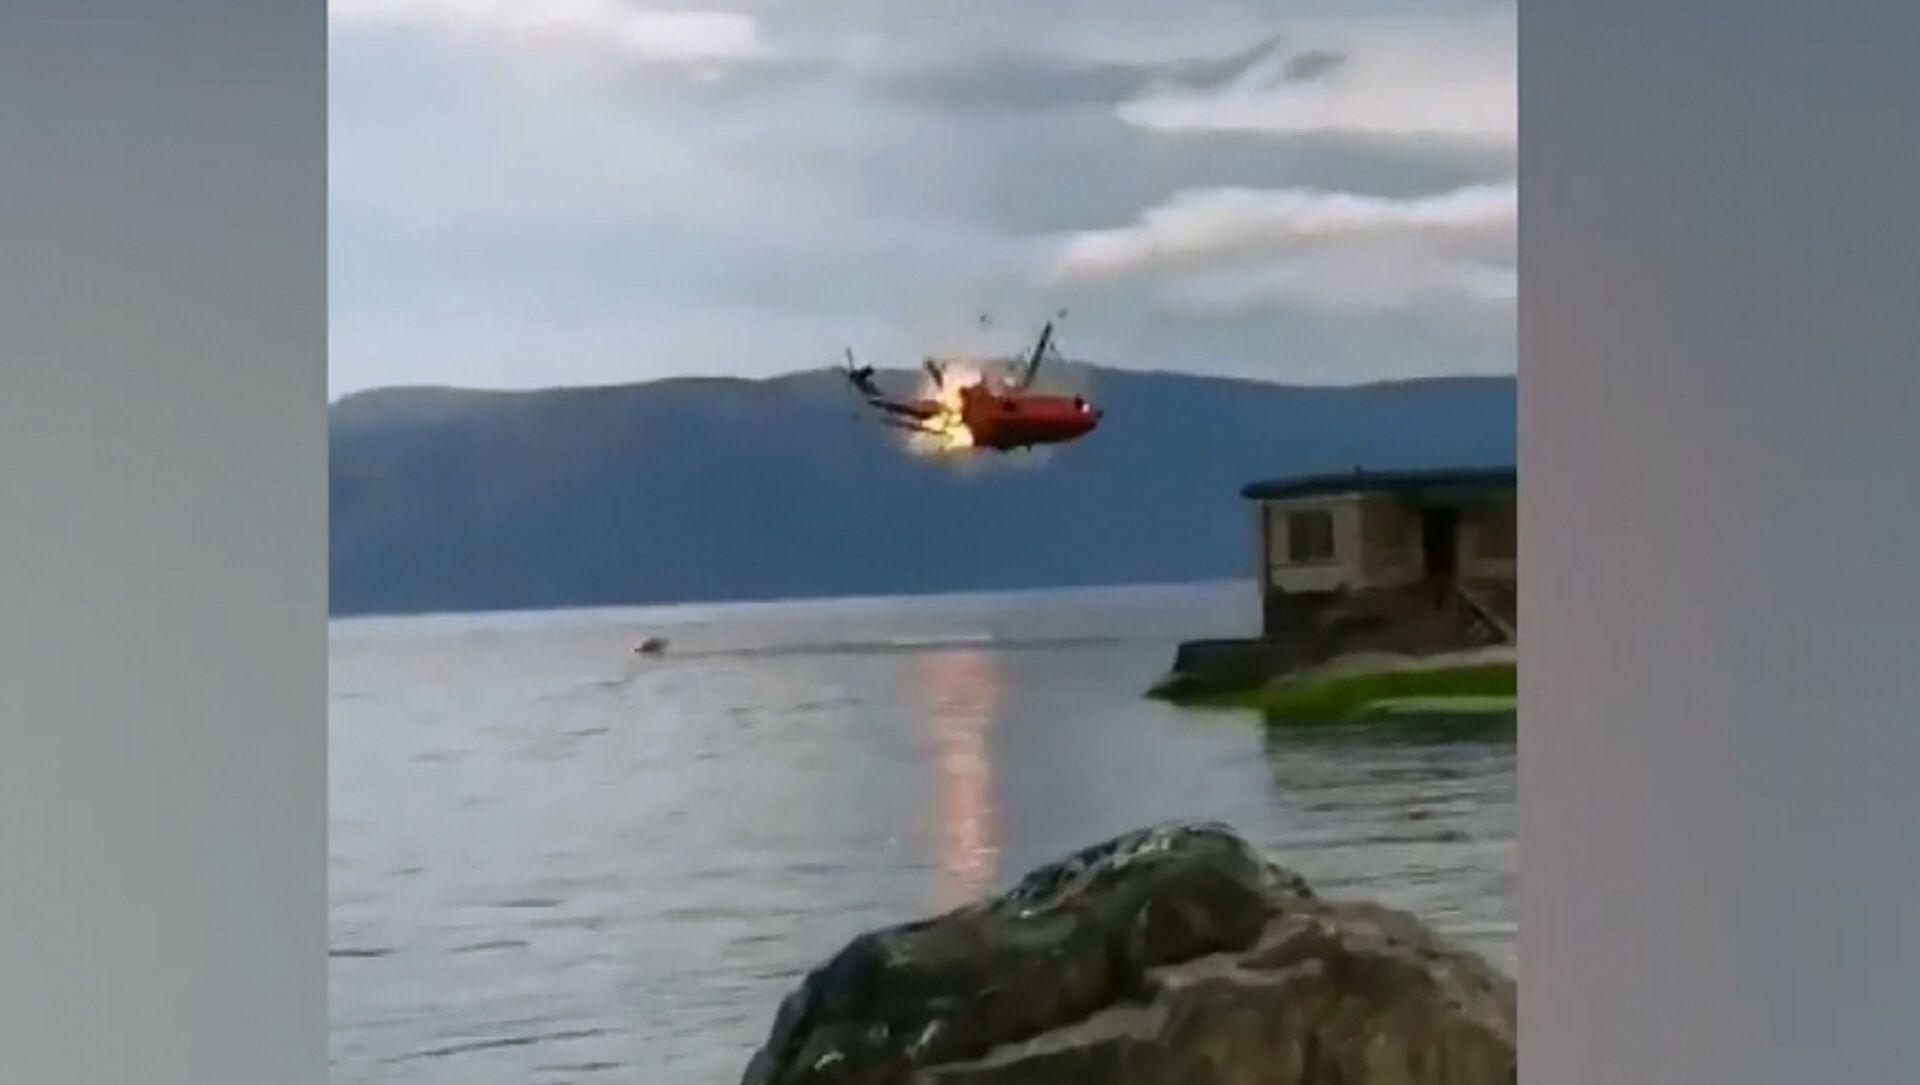 Cina: elicottero antincendio precipitato in un lago - Sputnik Italia, 1920, 10.05.2021